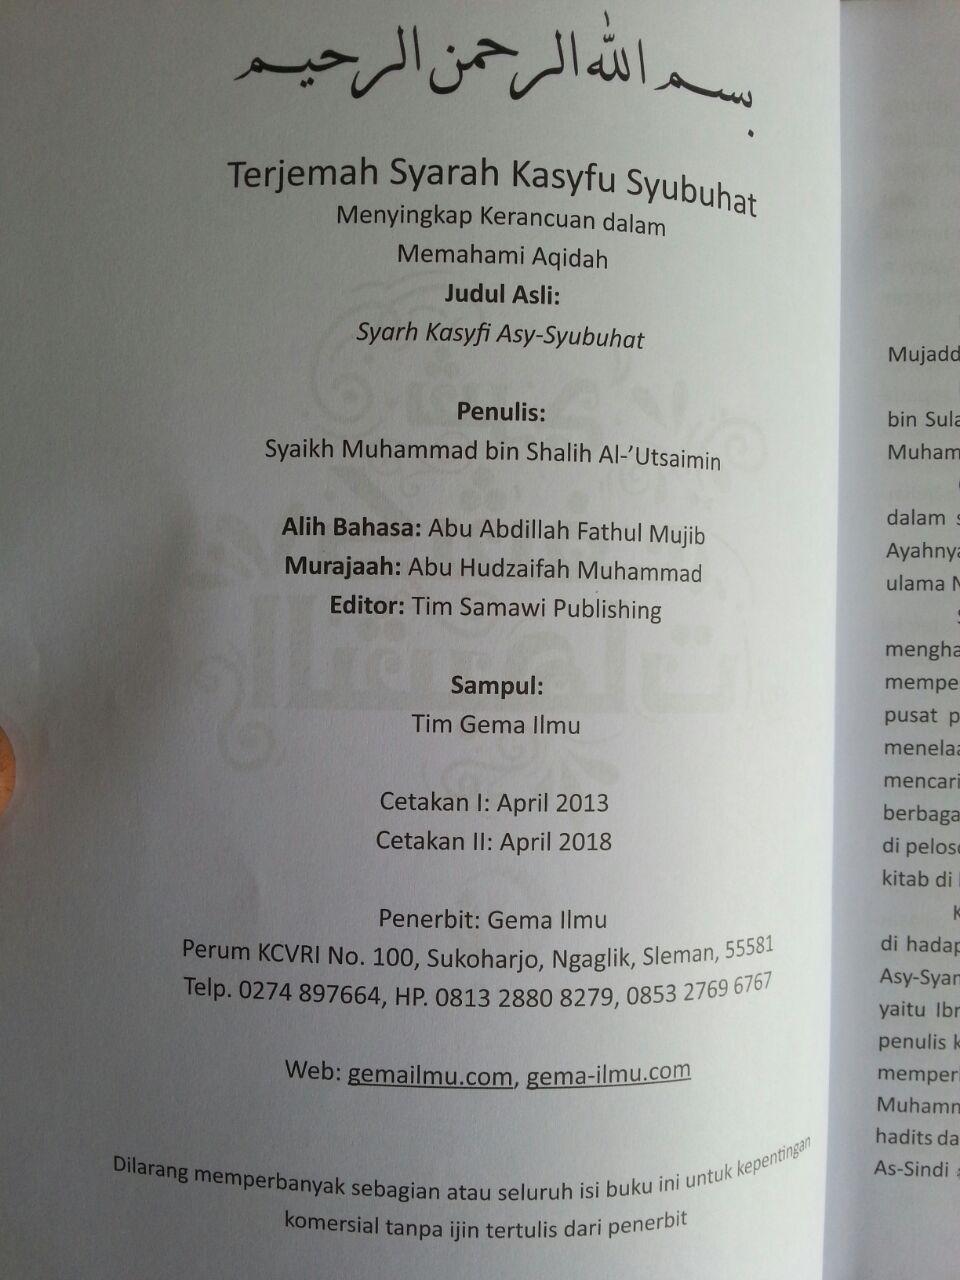 Buku Terjemah Syarah Kasyfu Asy Syubuhat Kerancuan Aqidah isi 2